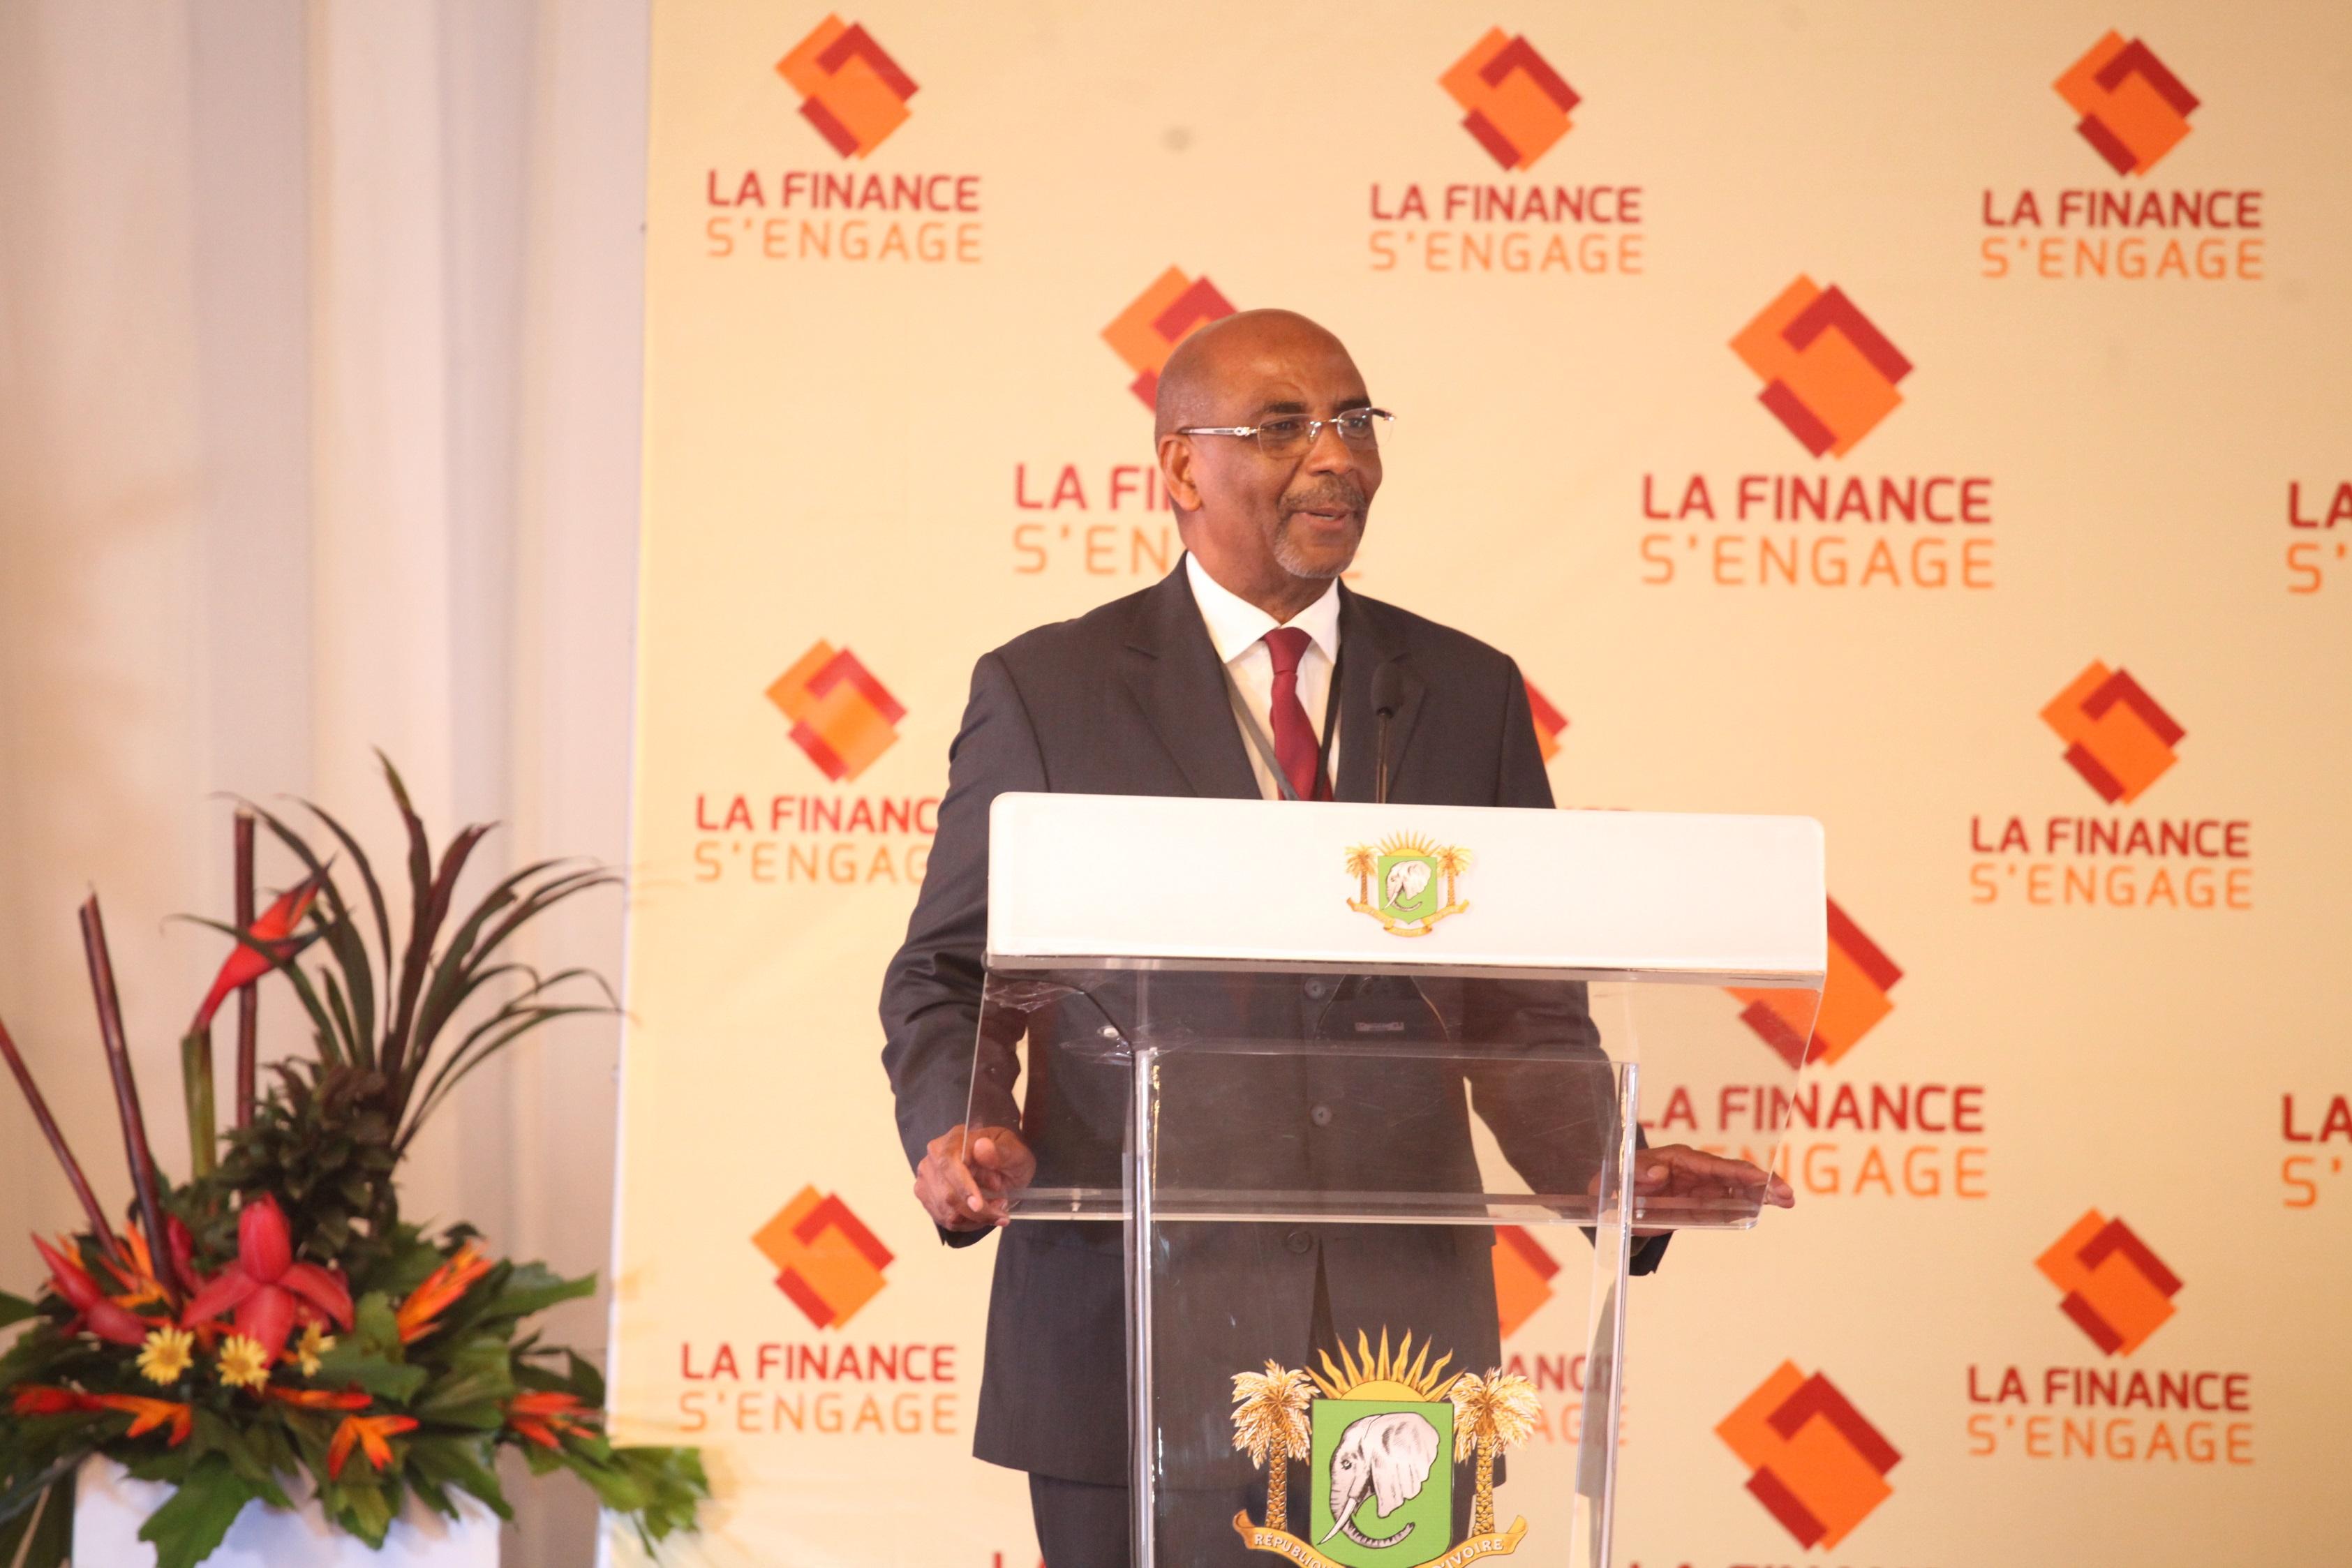 DEUXIÈME EDITION DU FORUM LA FINANCE S'ENGAGE  FINANCIERS ET LES PME SIGNENT UNE CHARTE D' ENGAGEMENT